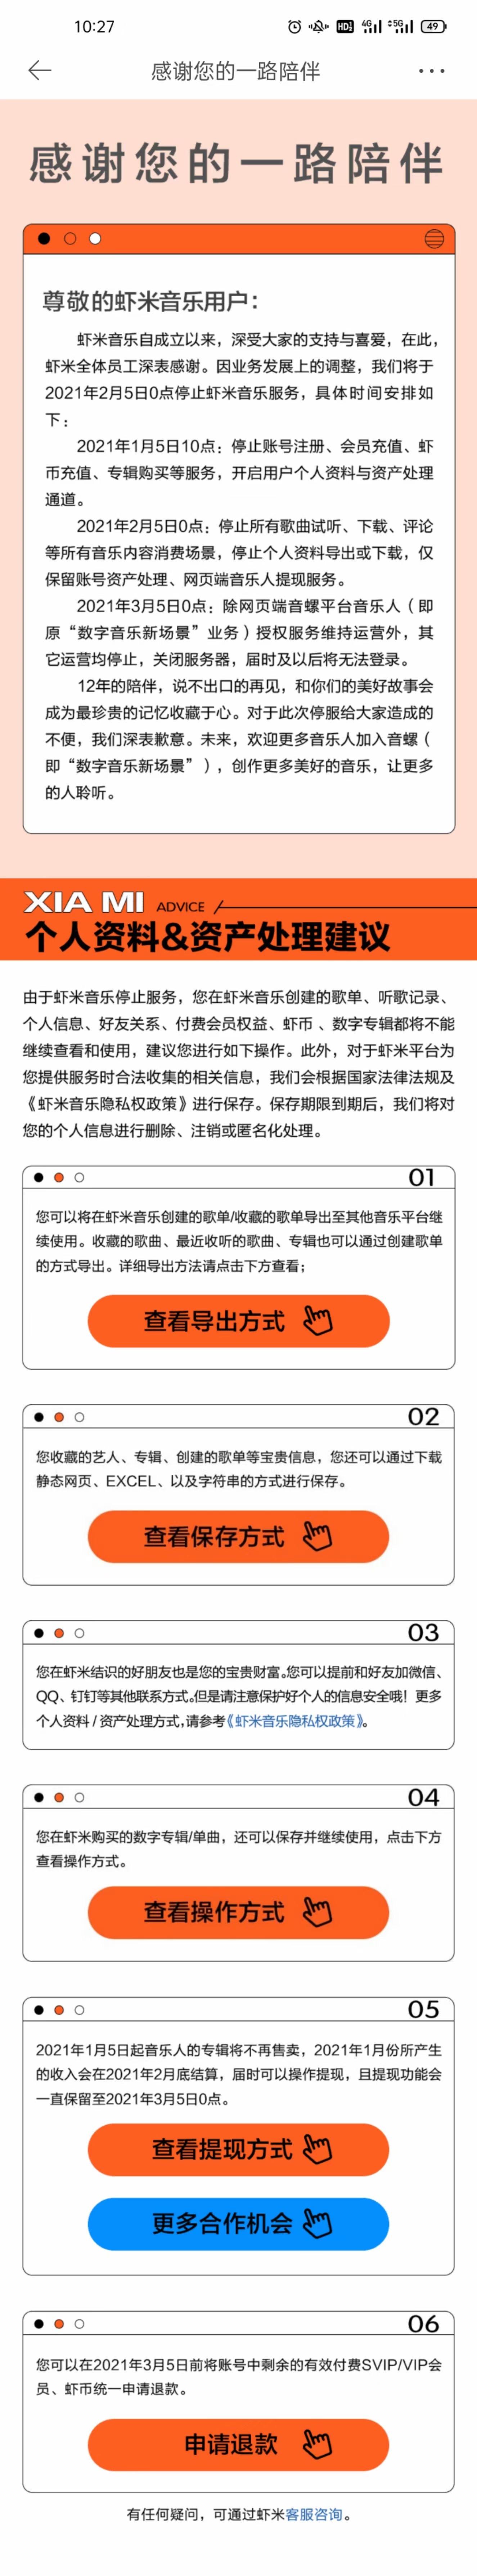 虾米音乐APP将于2月5日关停 已启动会员退款服务